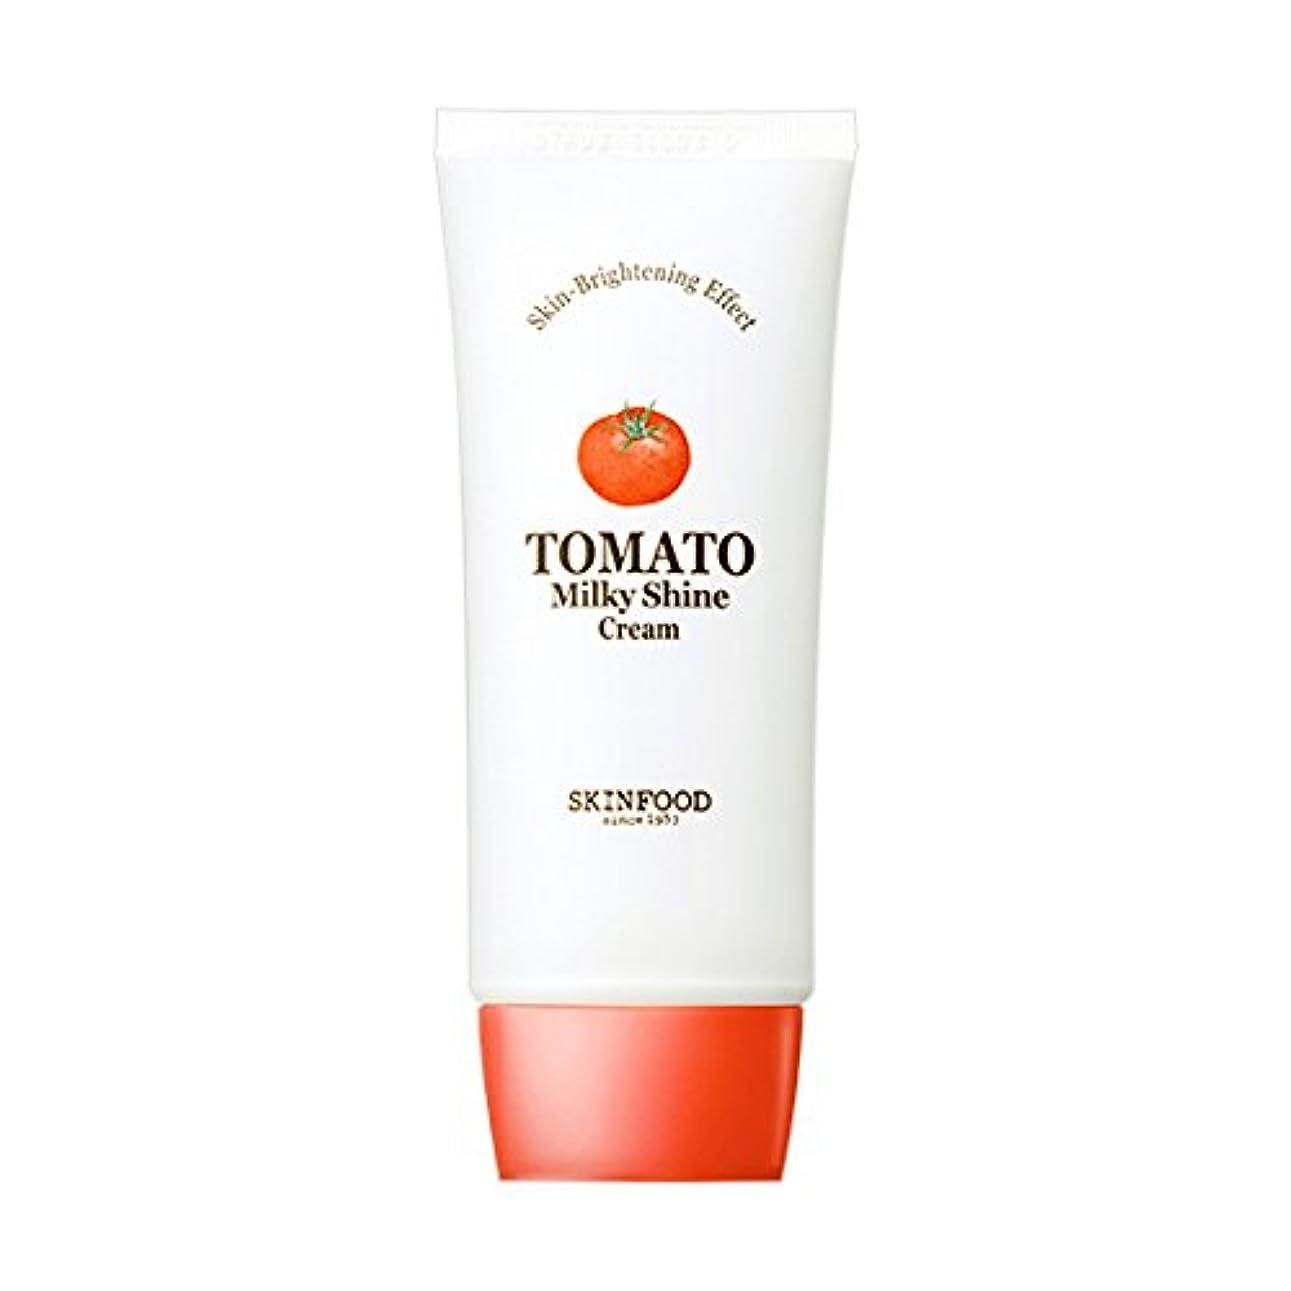 乗り出すヨーロッパやりがいのあるSkinfood トマトミルキーシャインクリーム/omato Milky Shine Cream 50ml [並行輸入品]